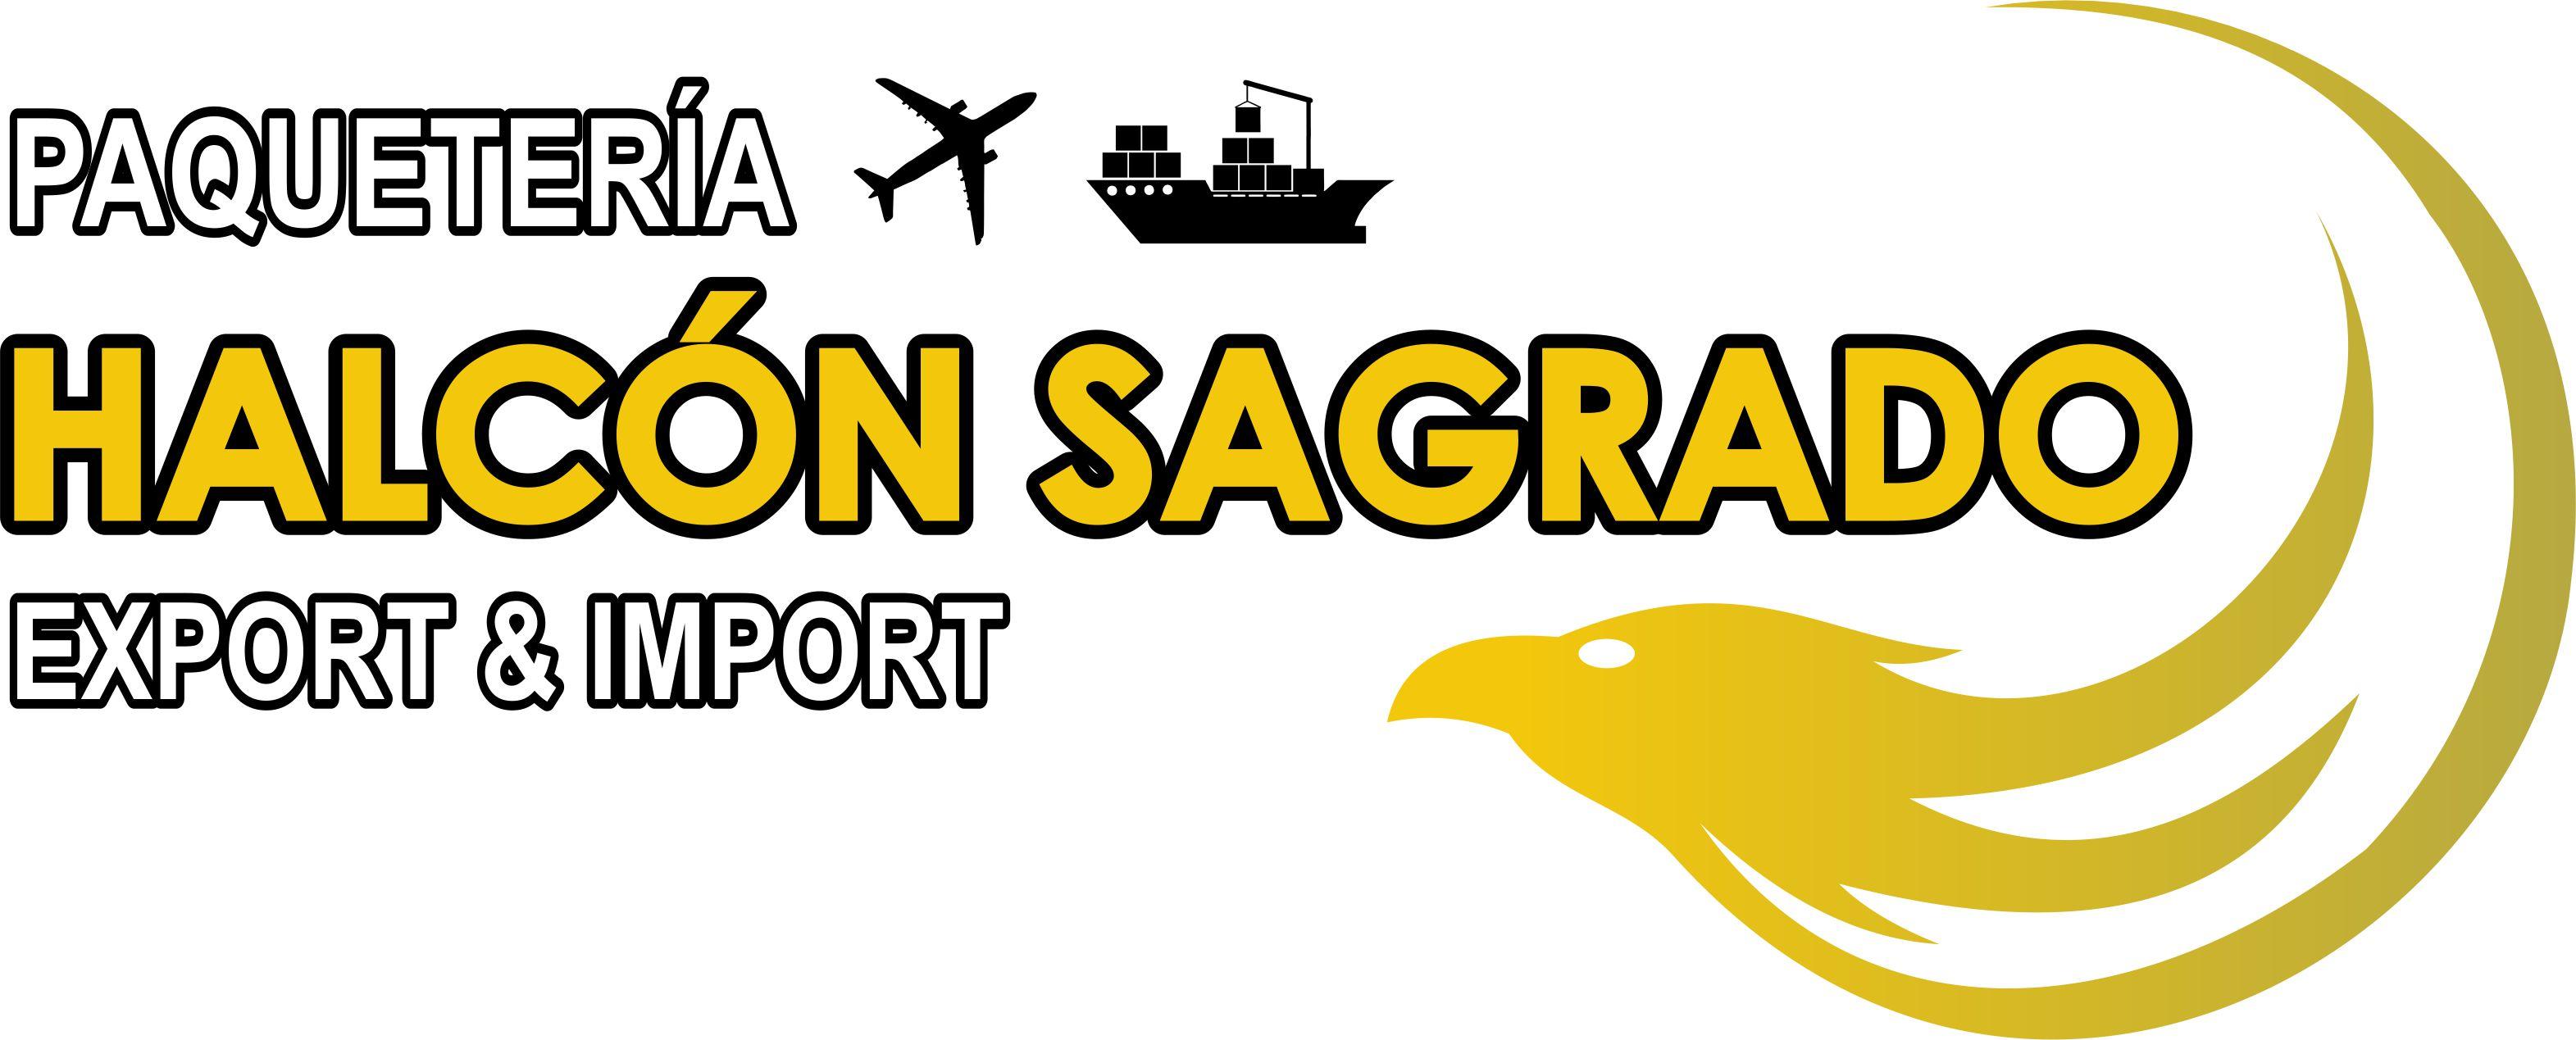 PAQUETERÍA HALCÓN SAGRADO EXPORT & IMPORT